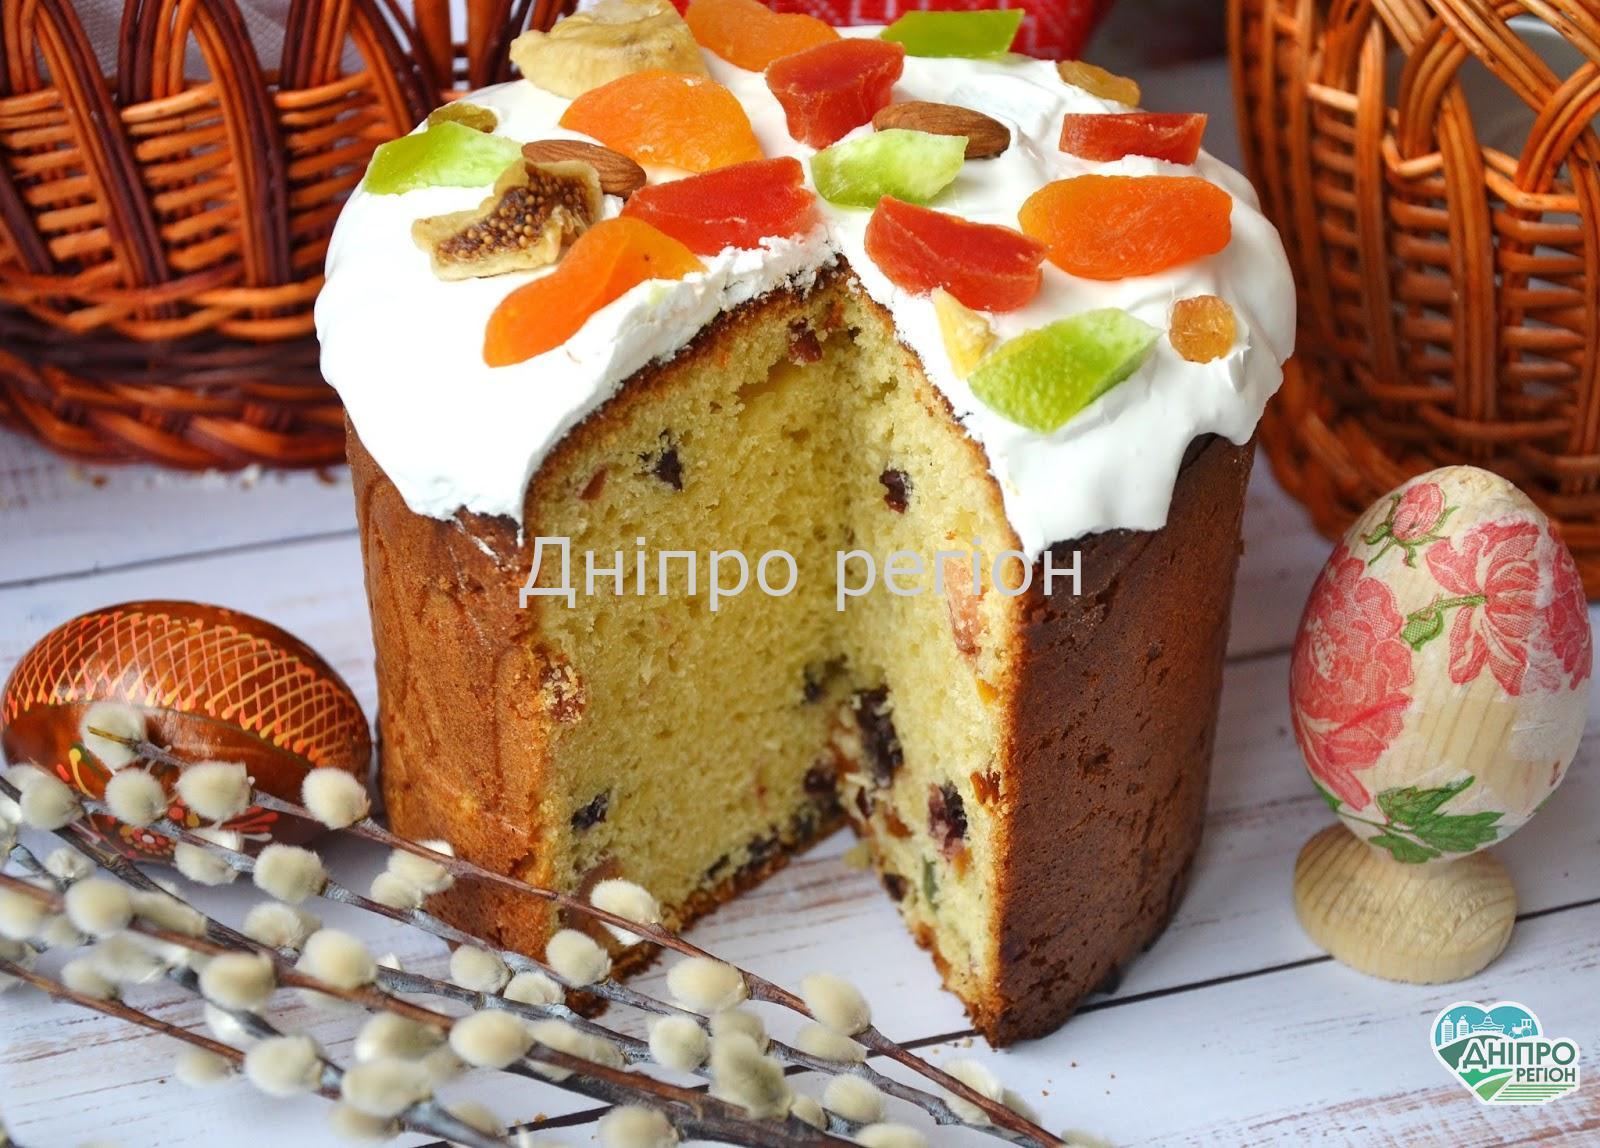 Як приготувати смачну паску: ТОП-3 рецептів від знаних господинь (ФОТО)